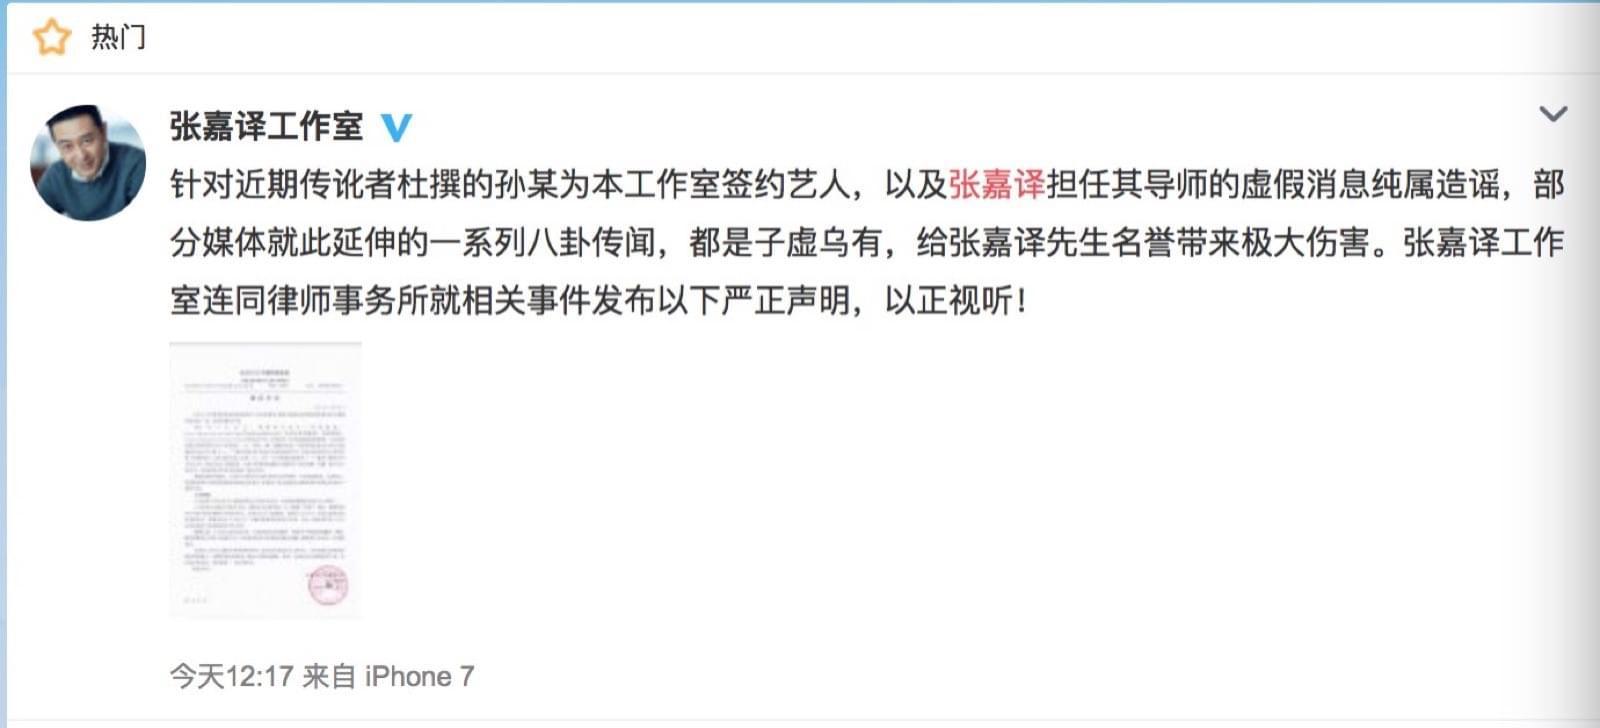 张嘉译工作室首发声明:维权以正视听